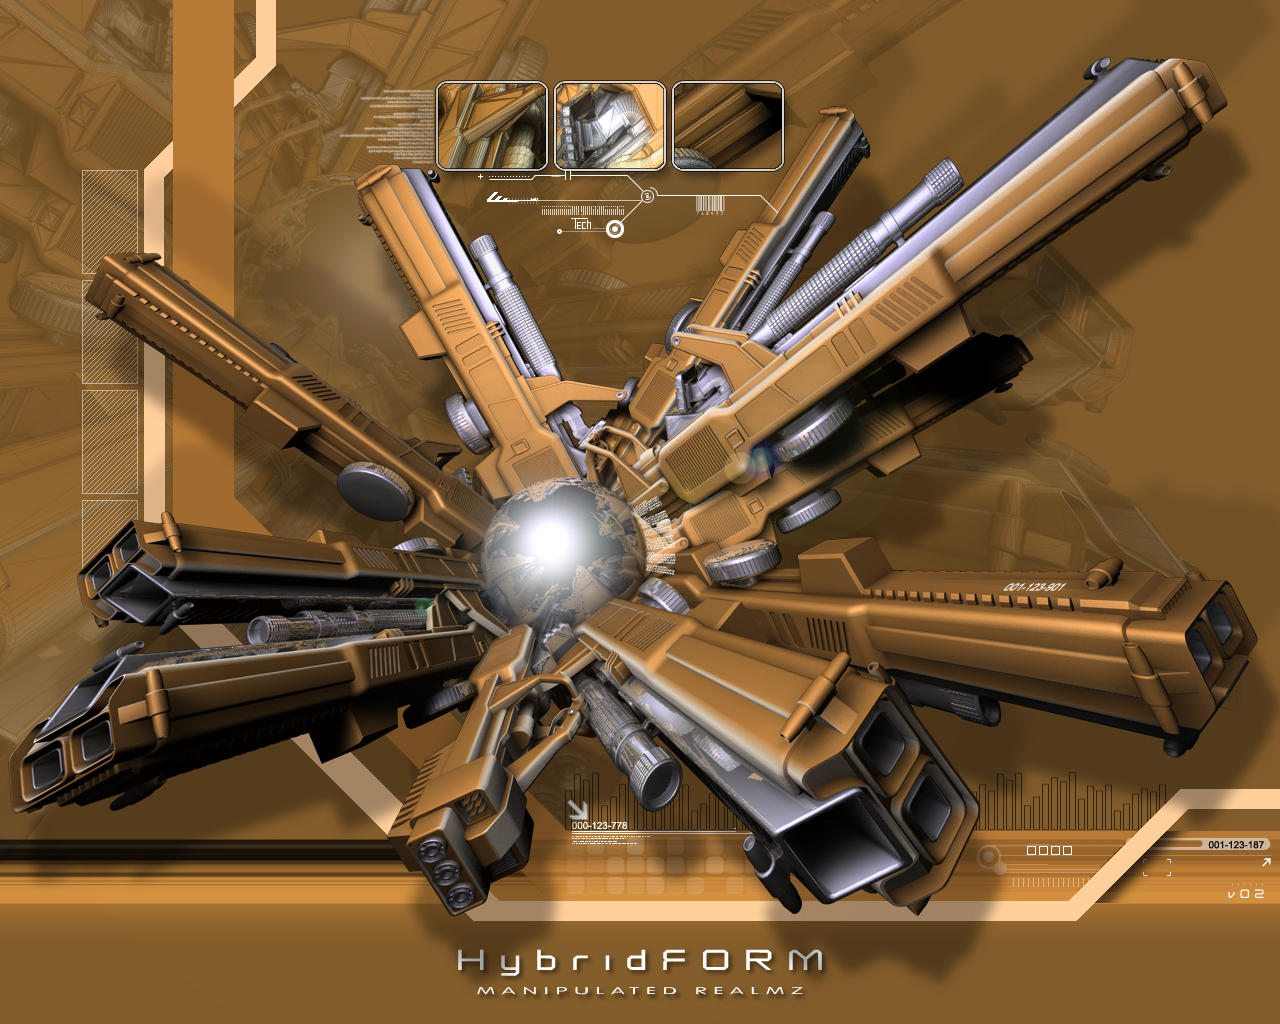 hybridFORM v02 by ManipulatedRealmz